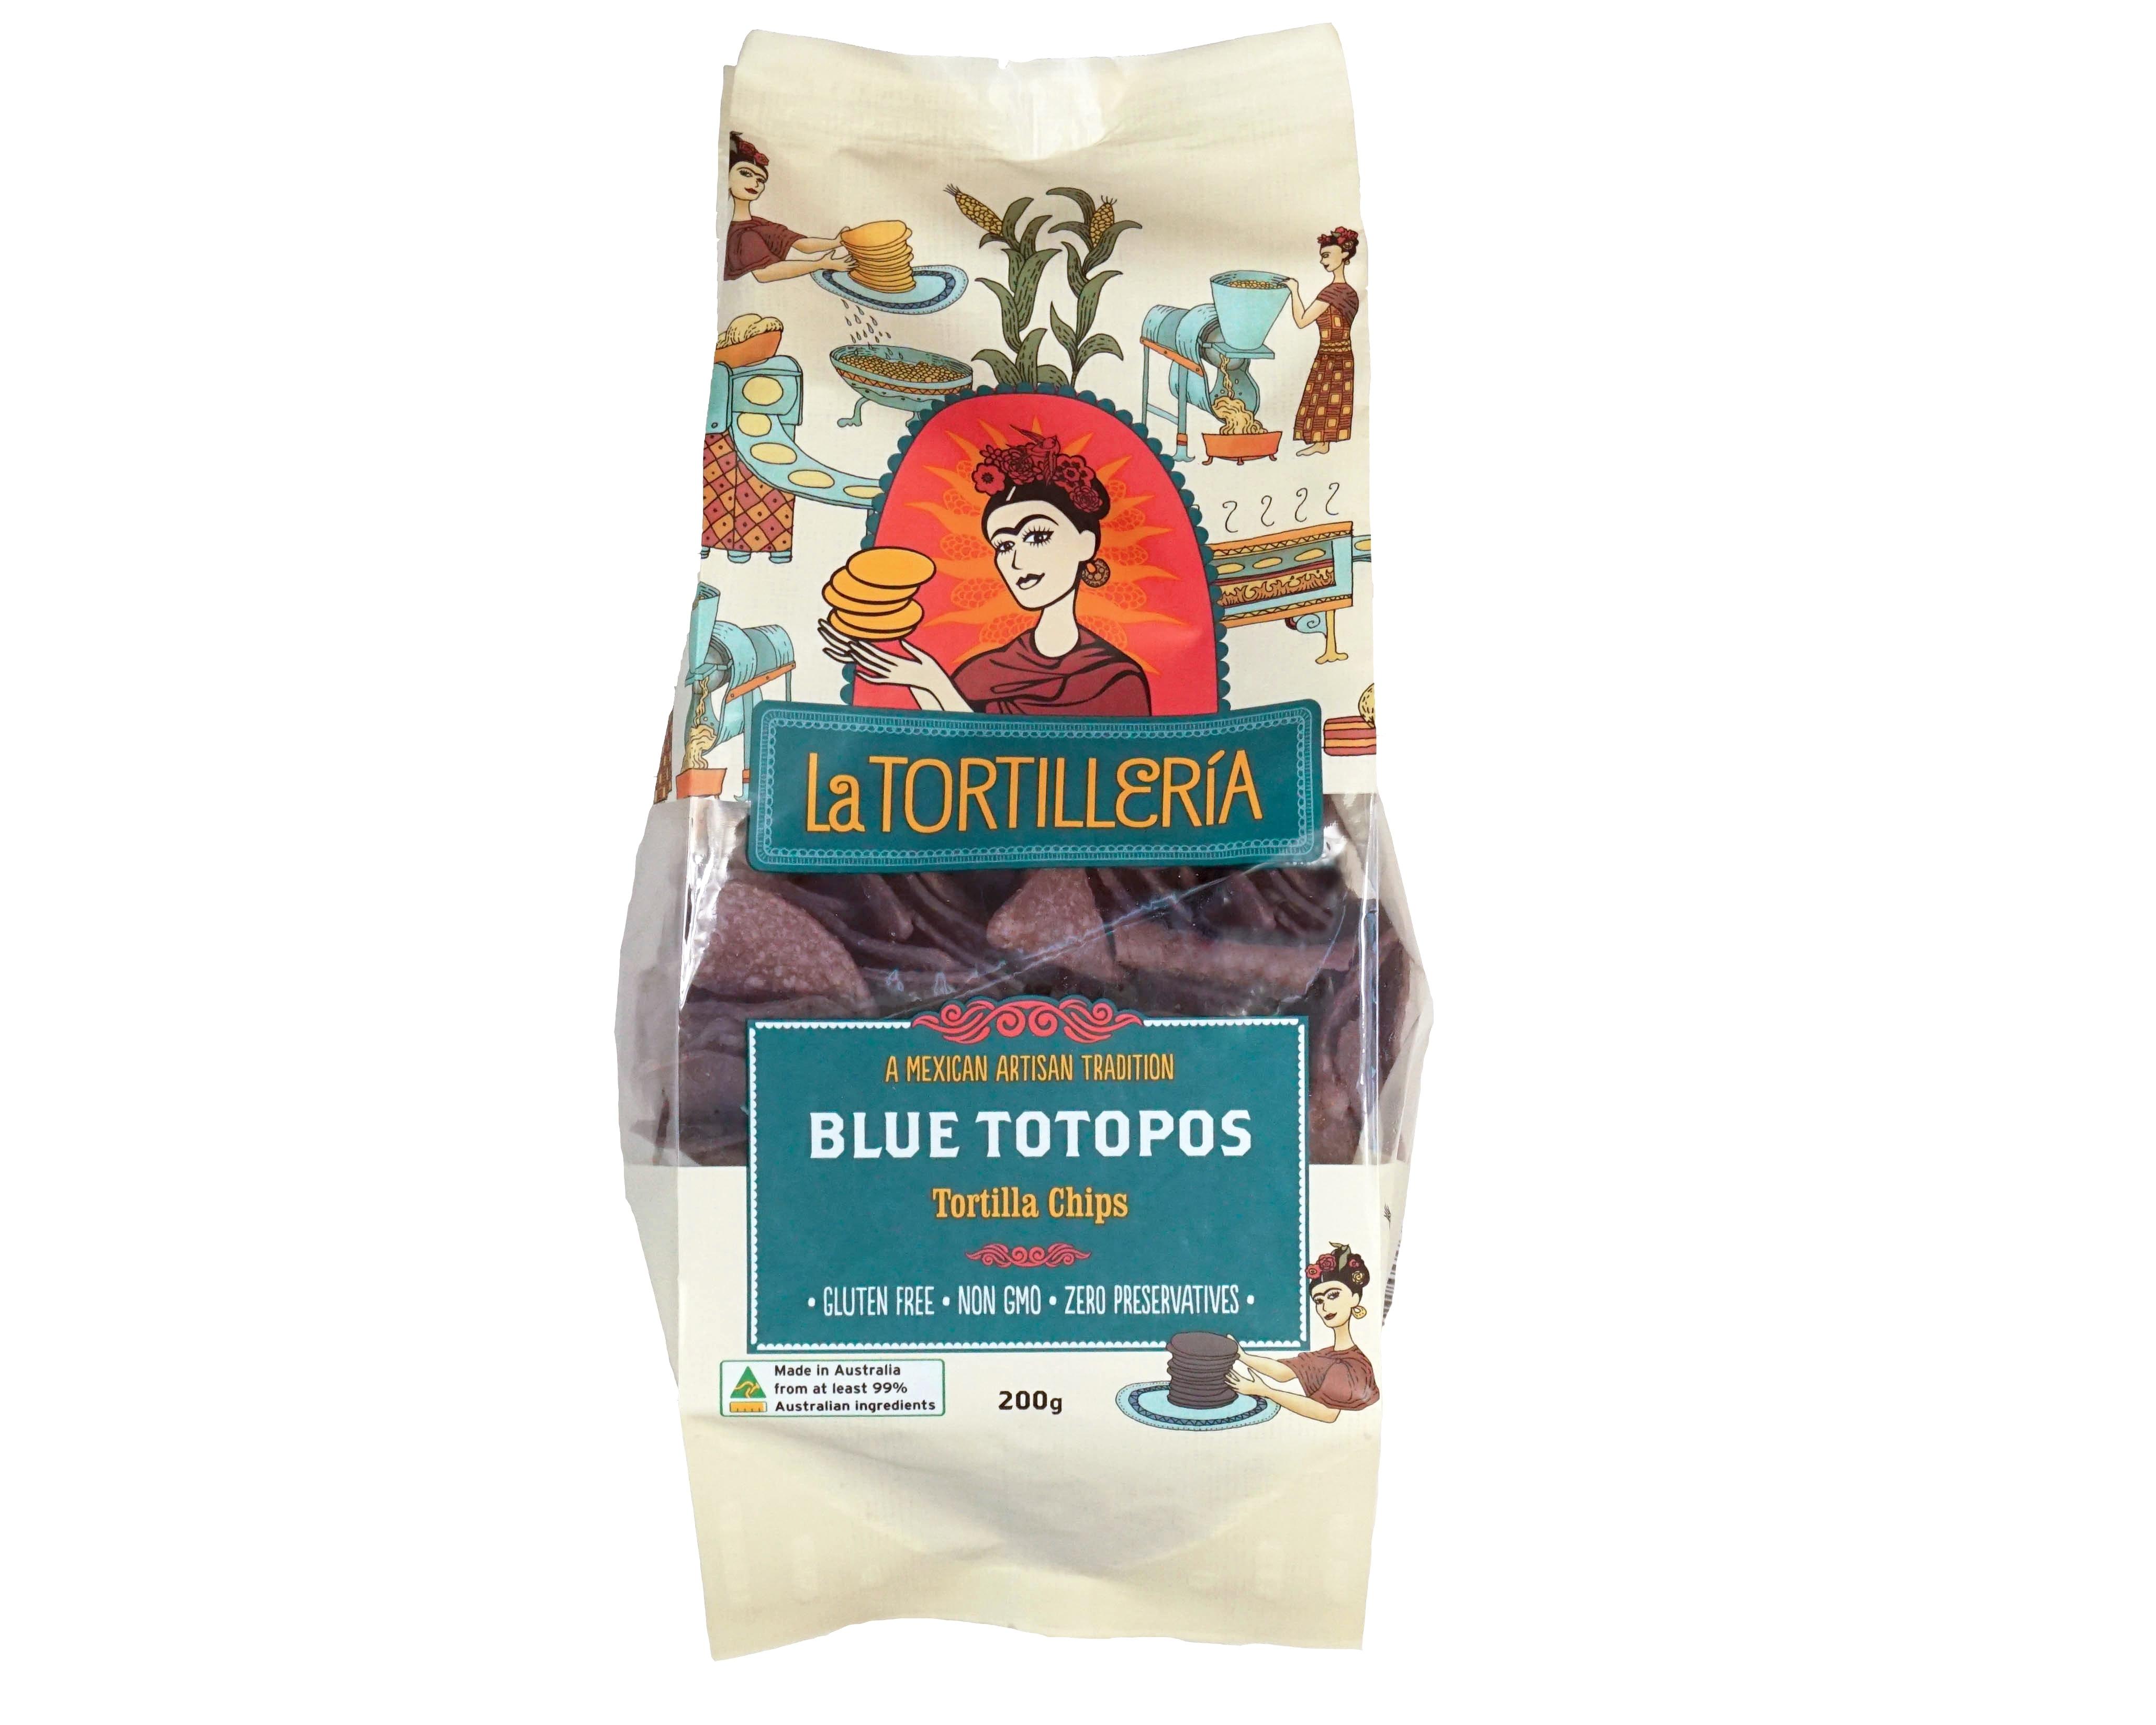 La Tortilleria Blue Totopos (Tortilla Chips)